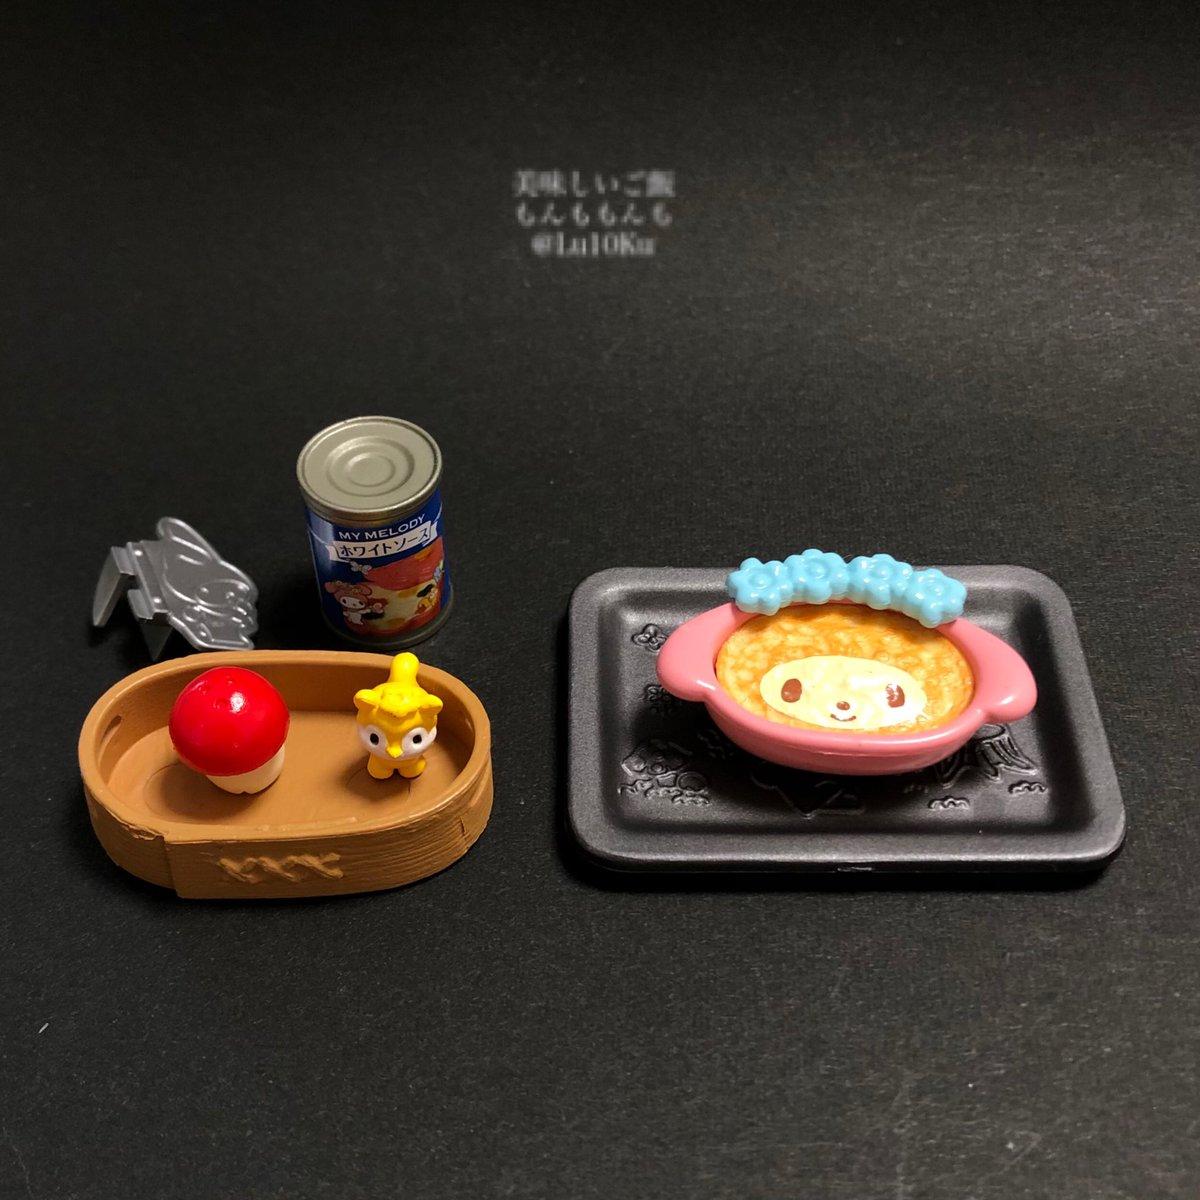 マイメロディ おもてなしキッチン 02 #リーメント #ぷちサンプル #ミニチュアフード #miniature https://t.co/fZqxC12s0Z